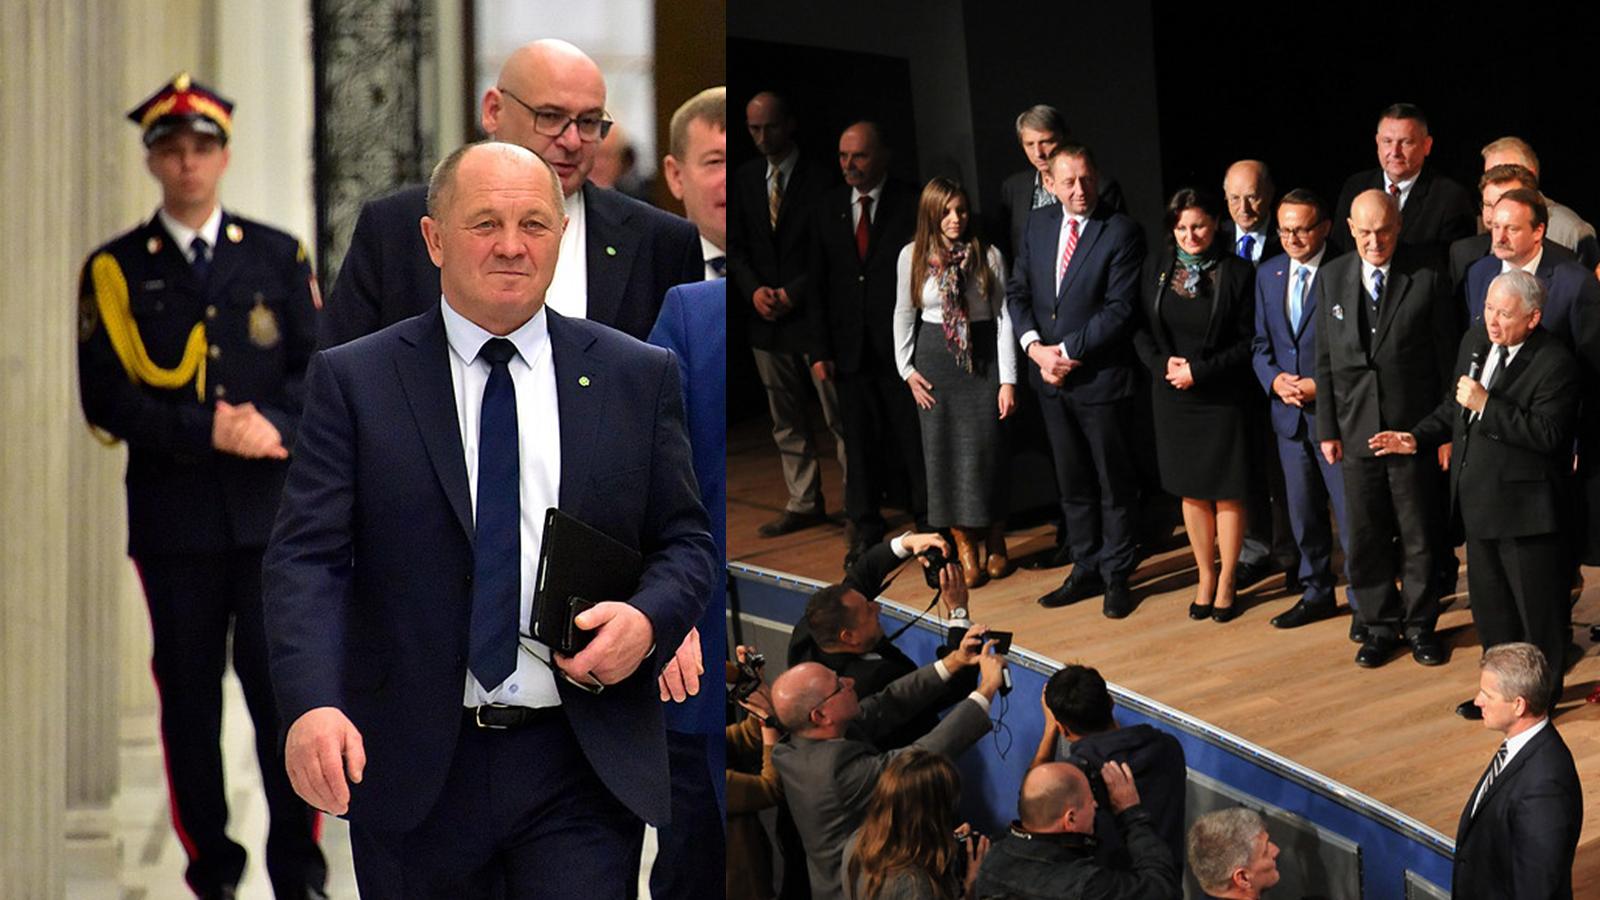 """Sawicki owspółpracy PSL zPiS: """"konflikt doniczego nieprowadzi"""""""